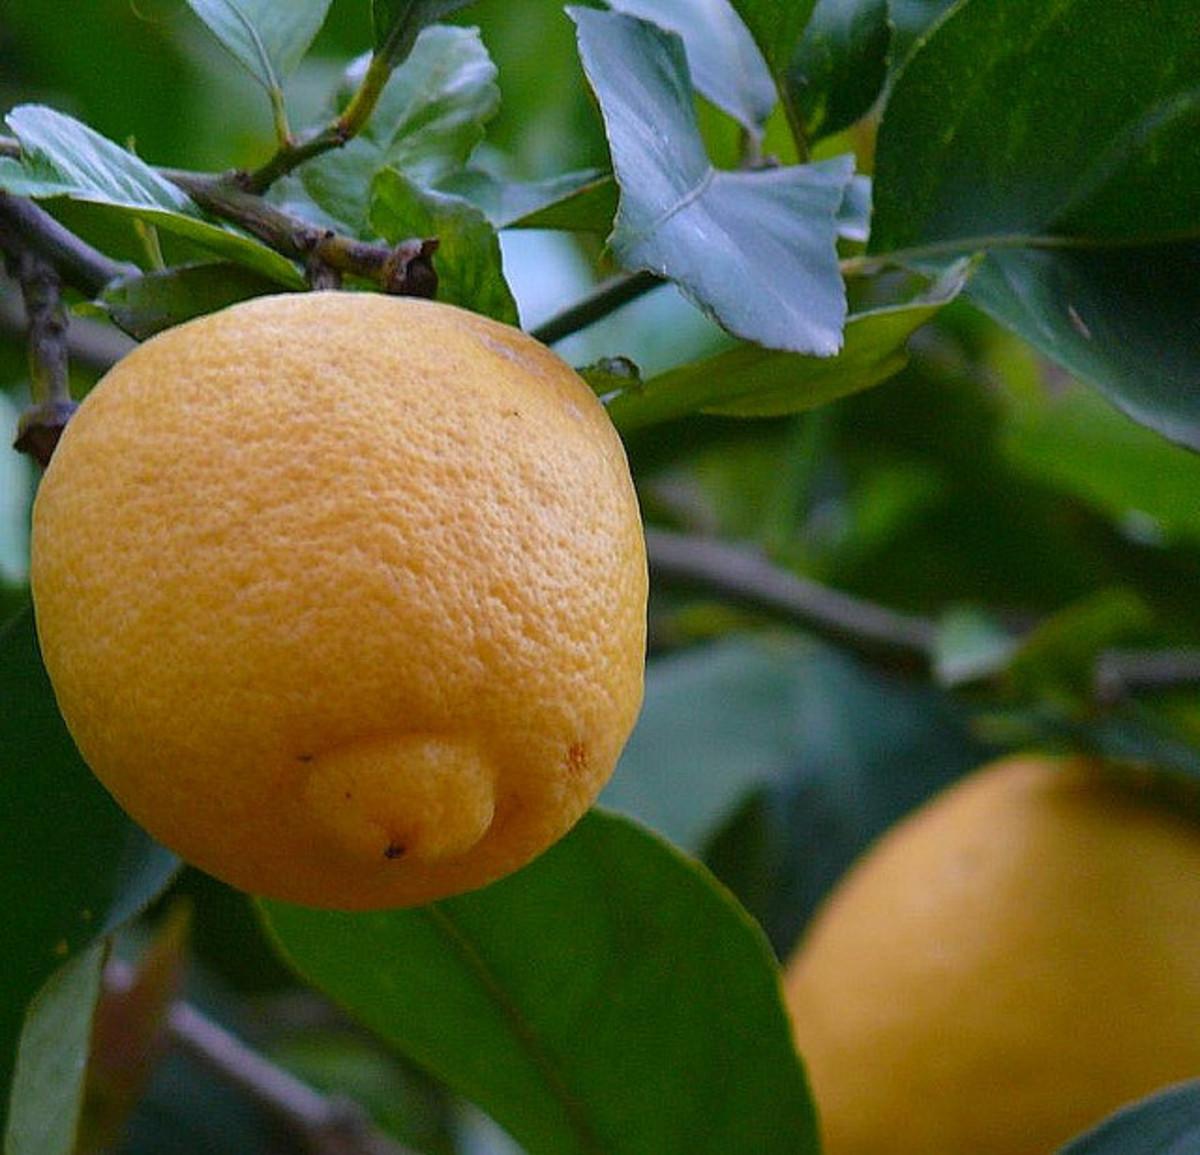 MMMM..... Lemons!